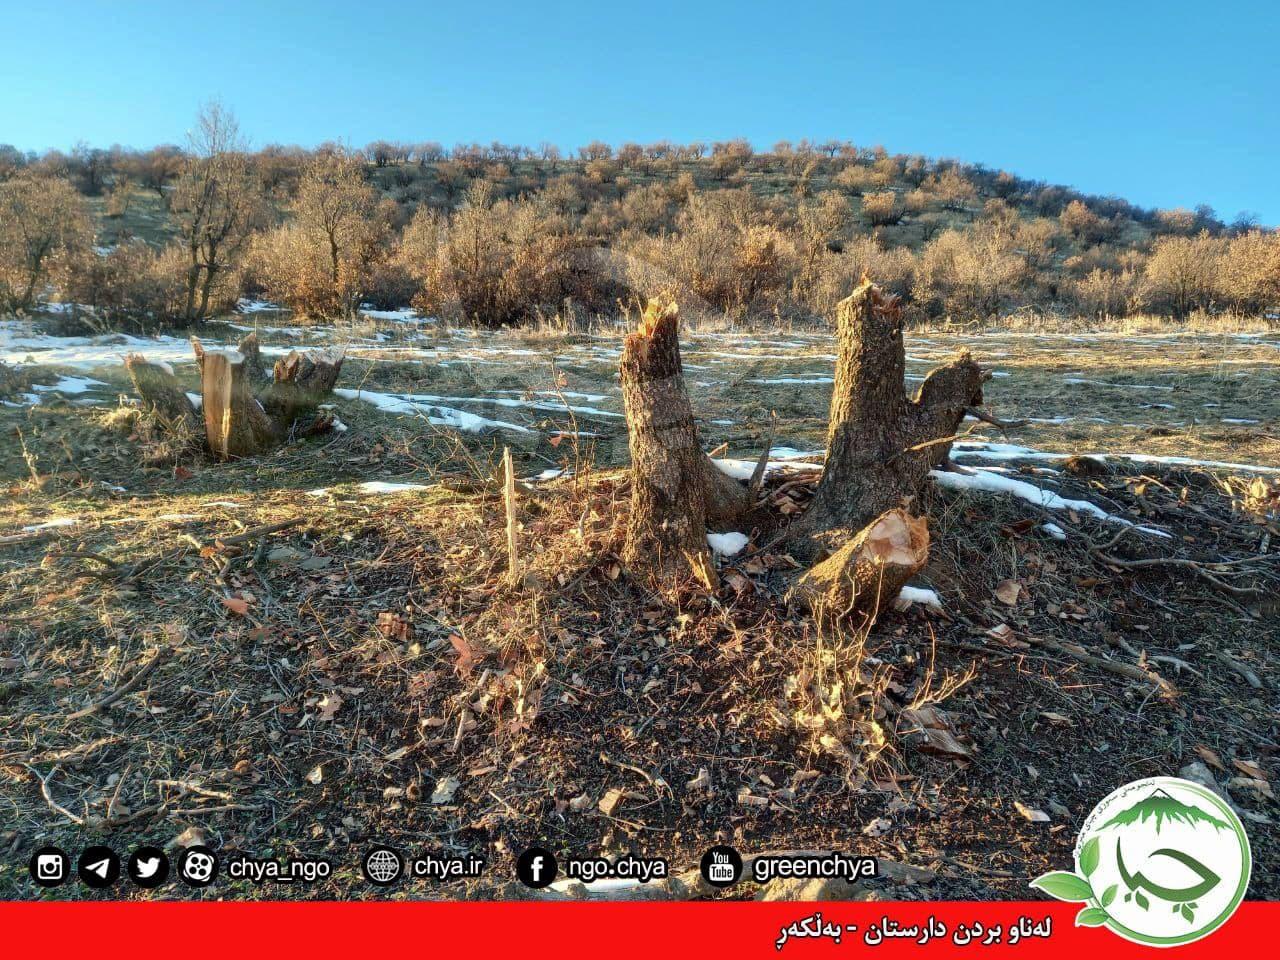 تخریب جنگل –  بەڵکەڕ